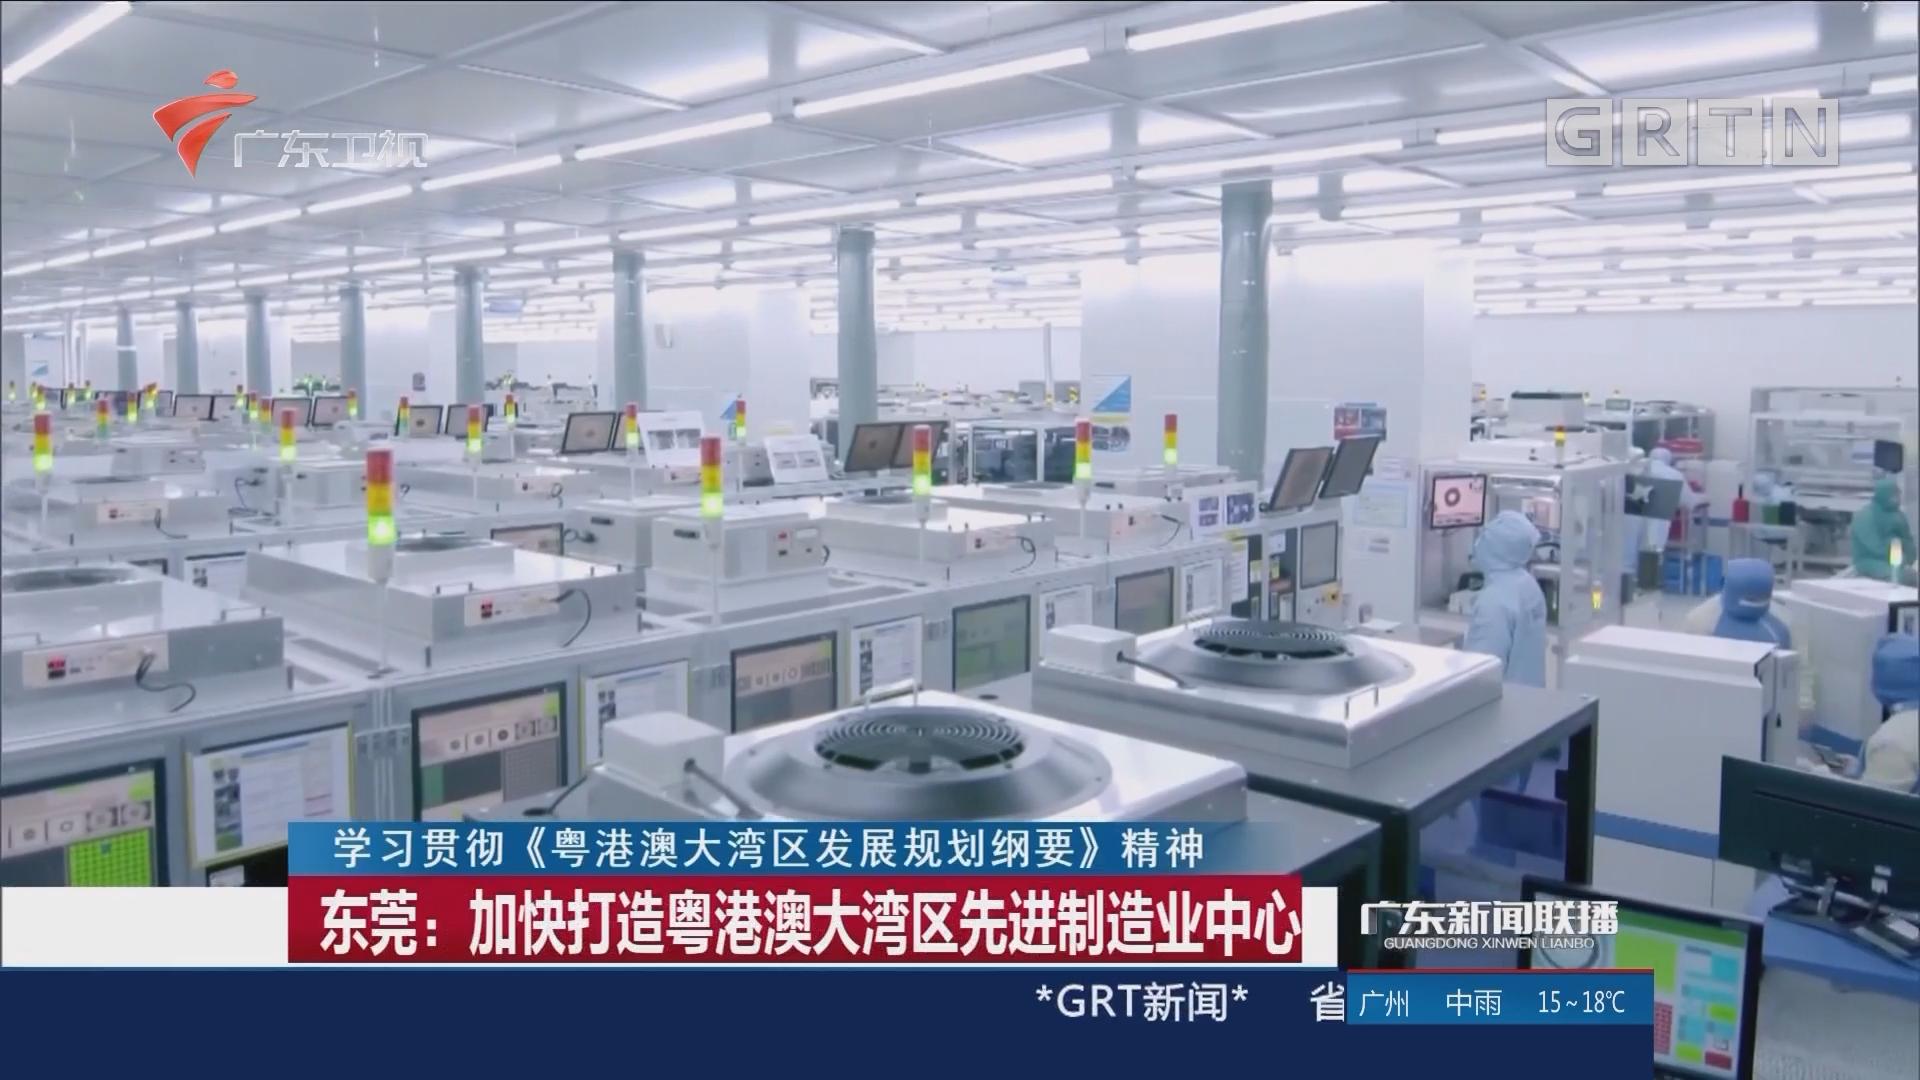 东莞:加快打造粤港澳大湾区先进制造业中心